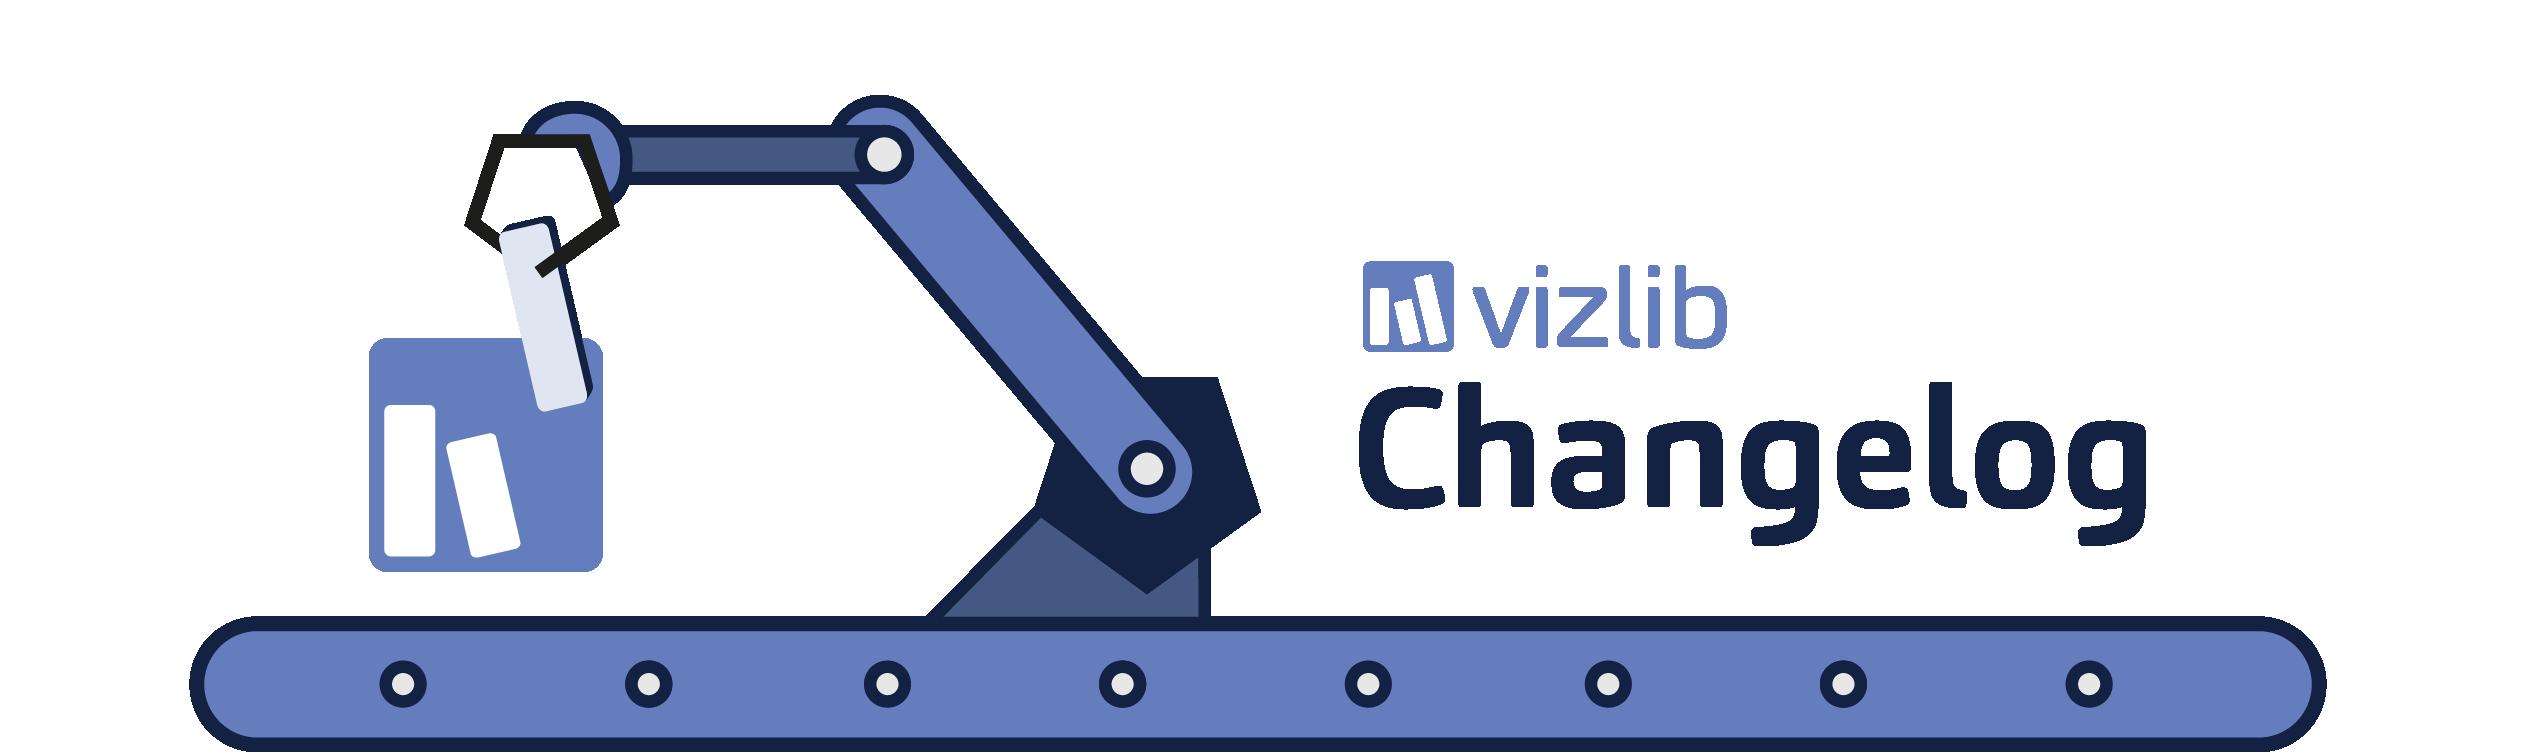 Vizlib Slider - Changelog : Vizlib